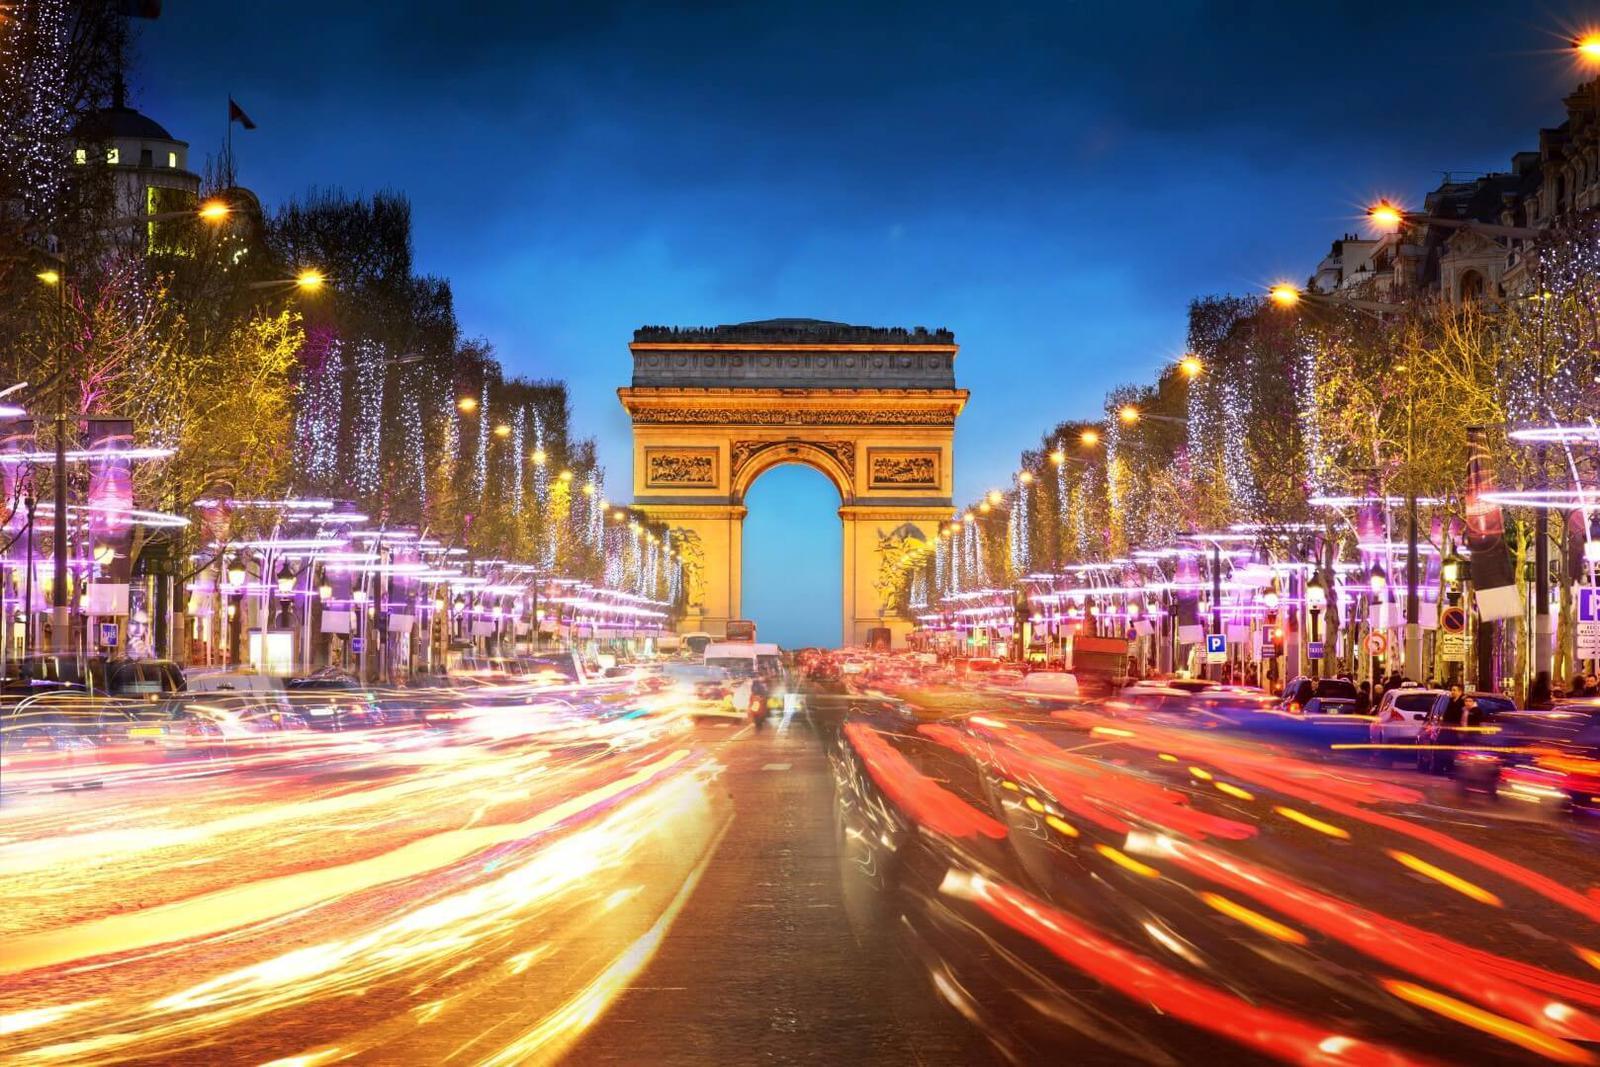 tradiciones navideñas en europa Paris